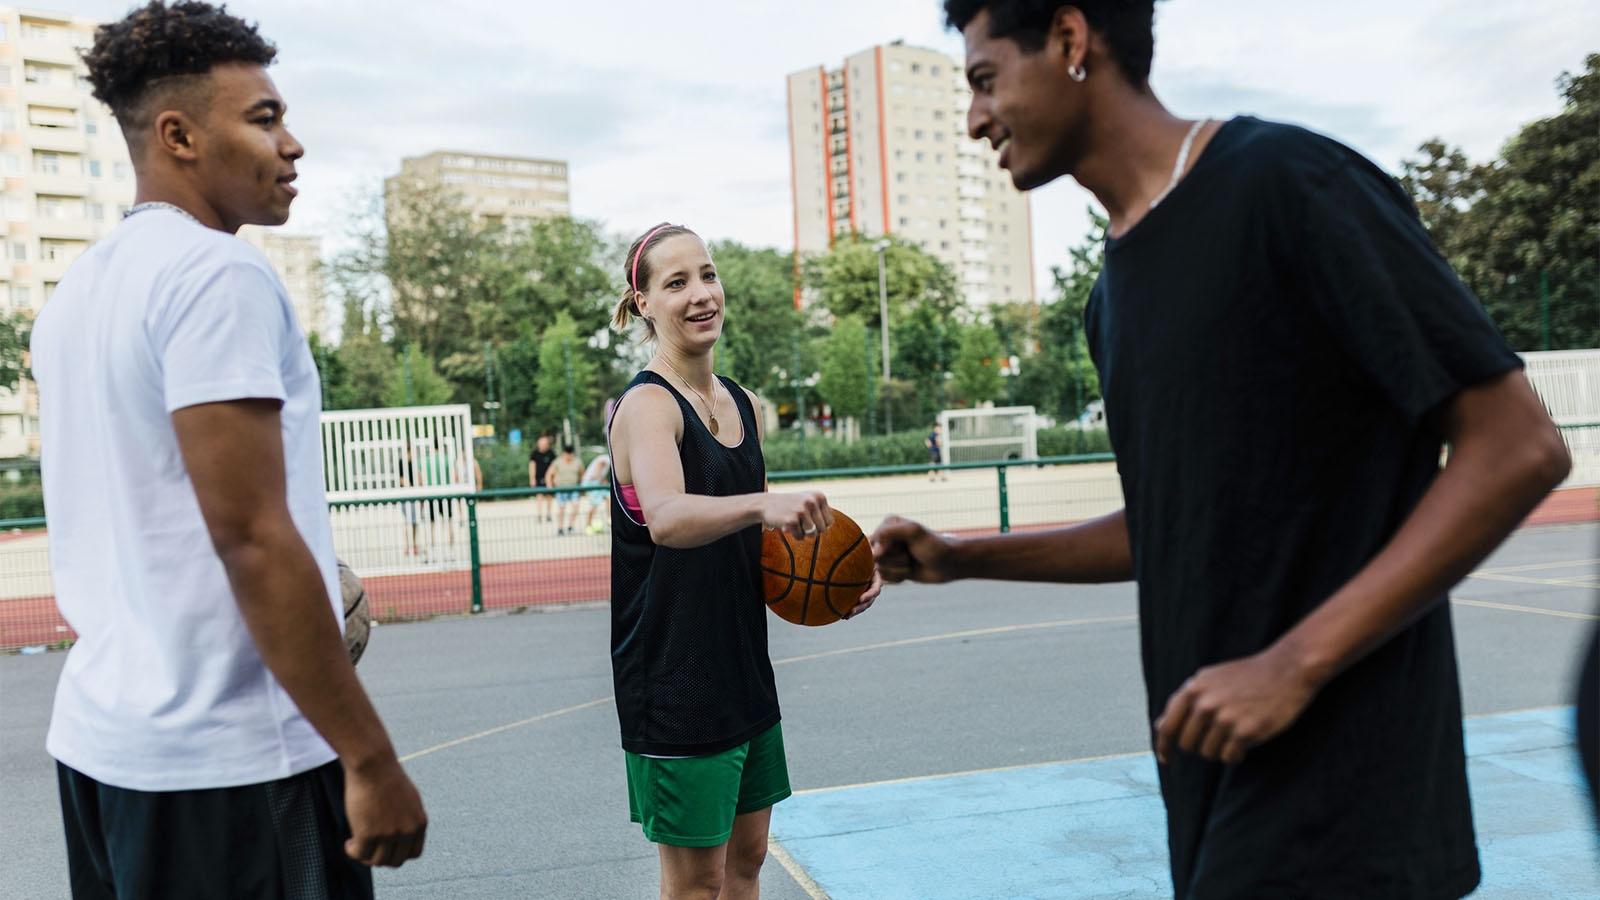 Basketball Slang Terms To Sound Like A Pro